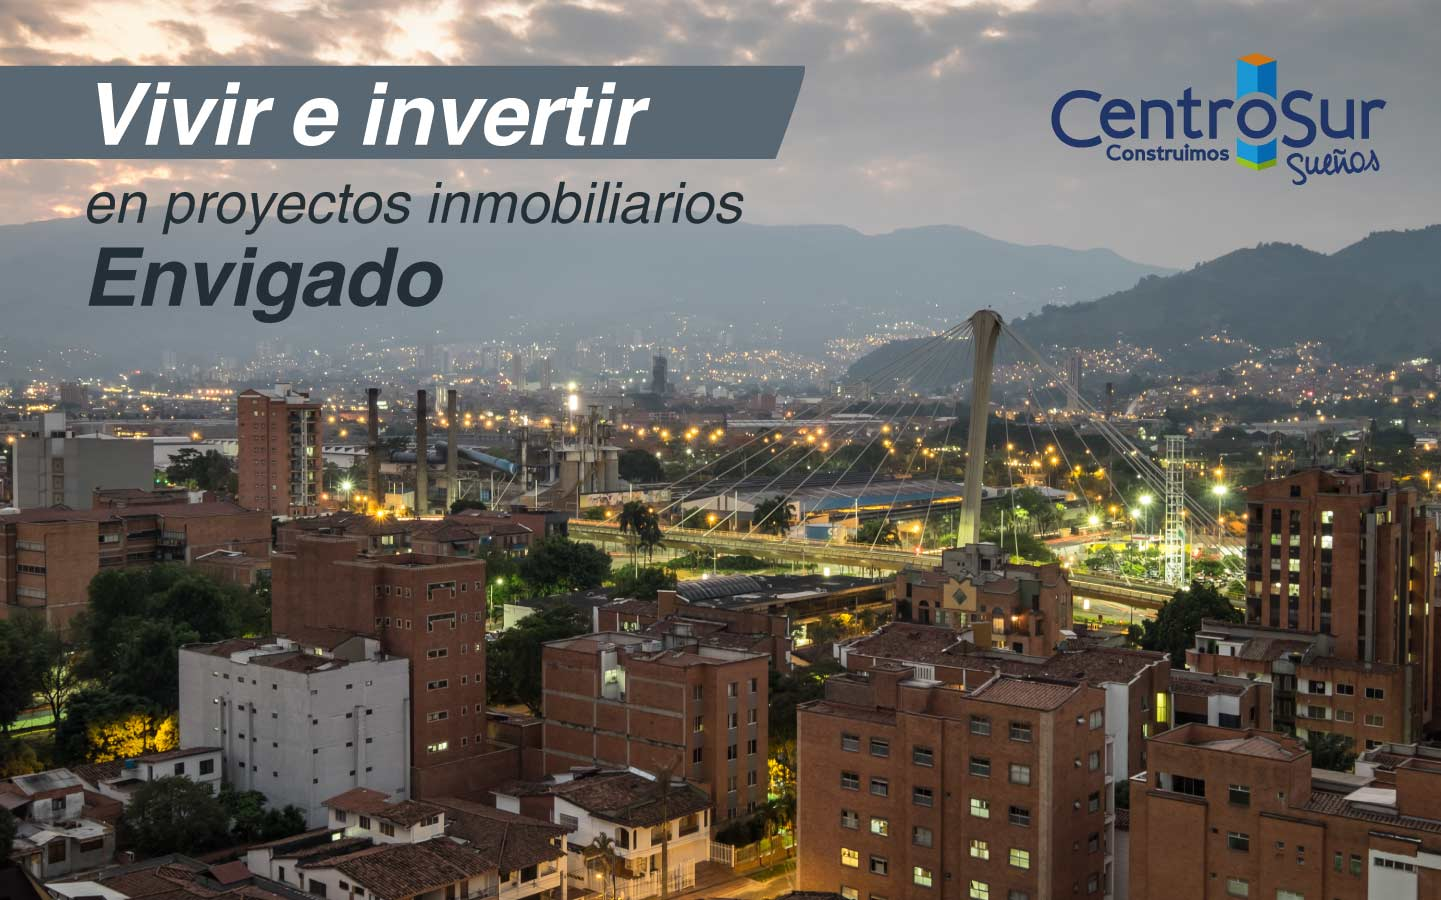 Vivir e invertir en proyectos inmobiliarios Envigado